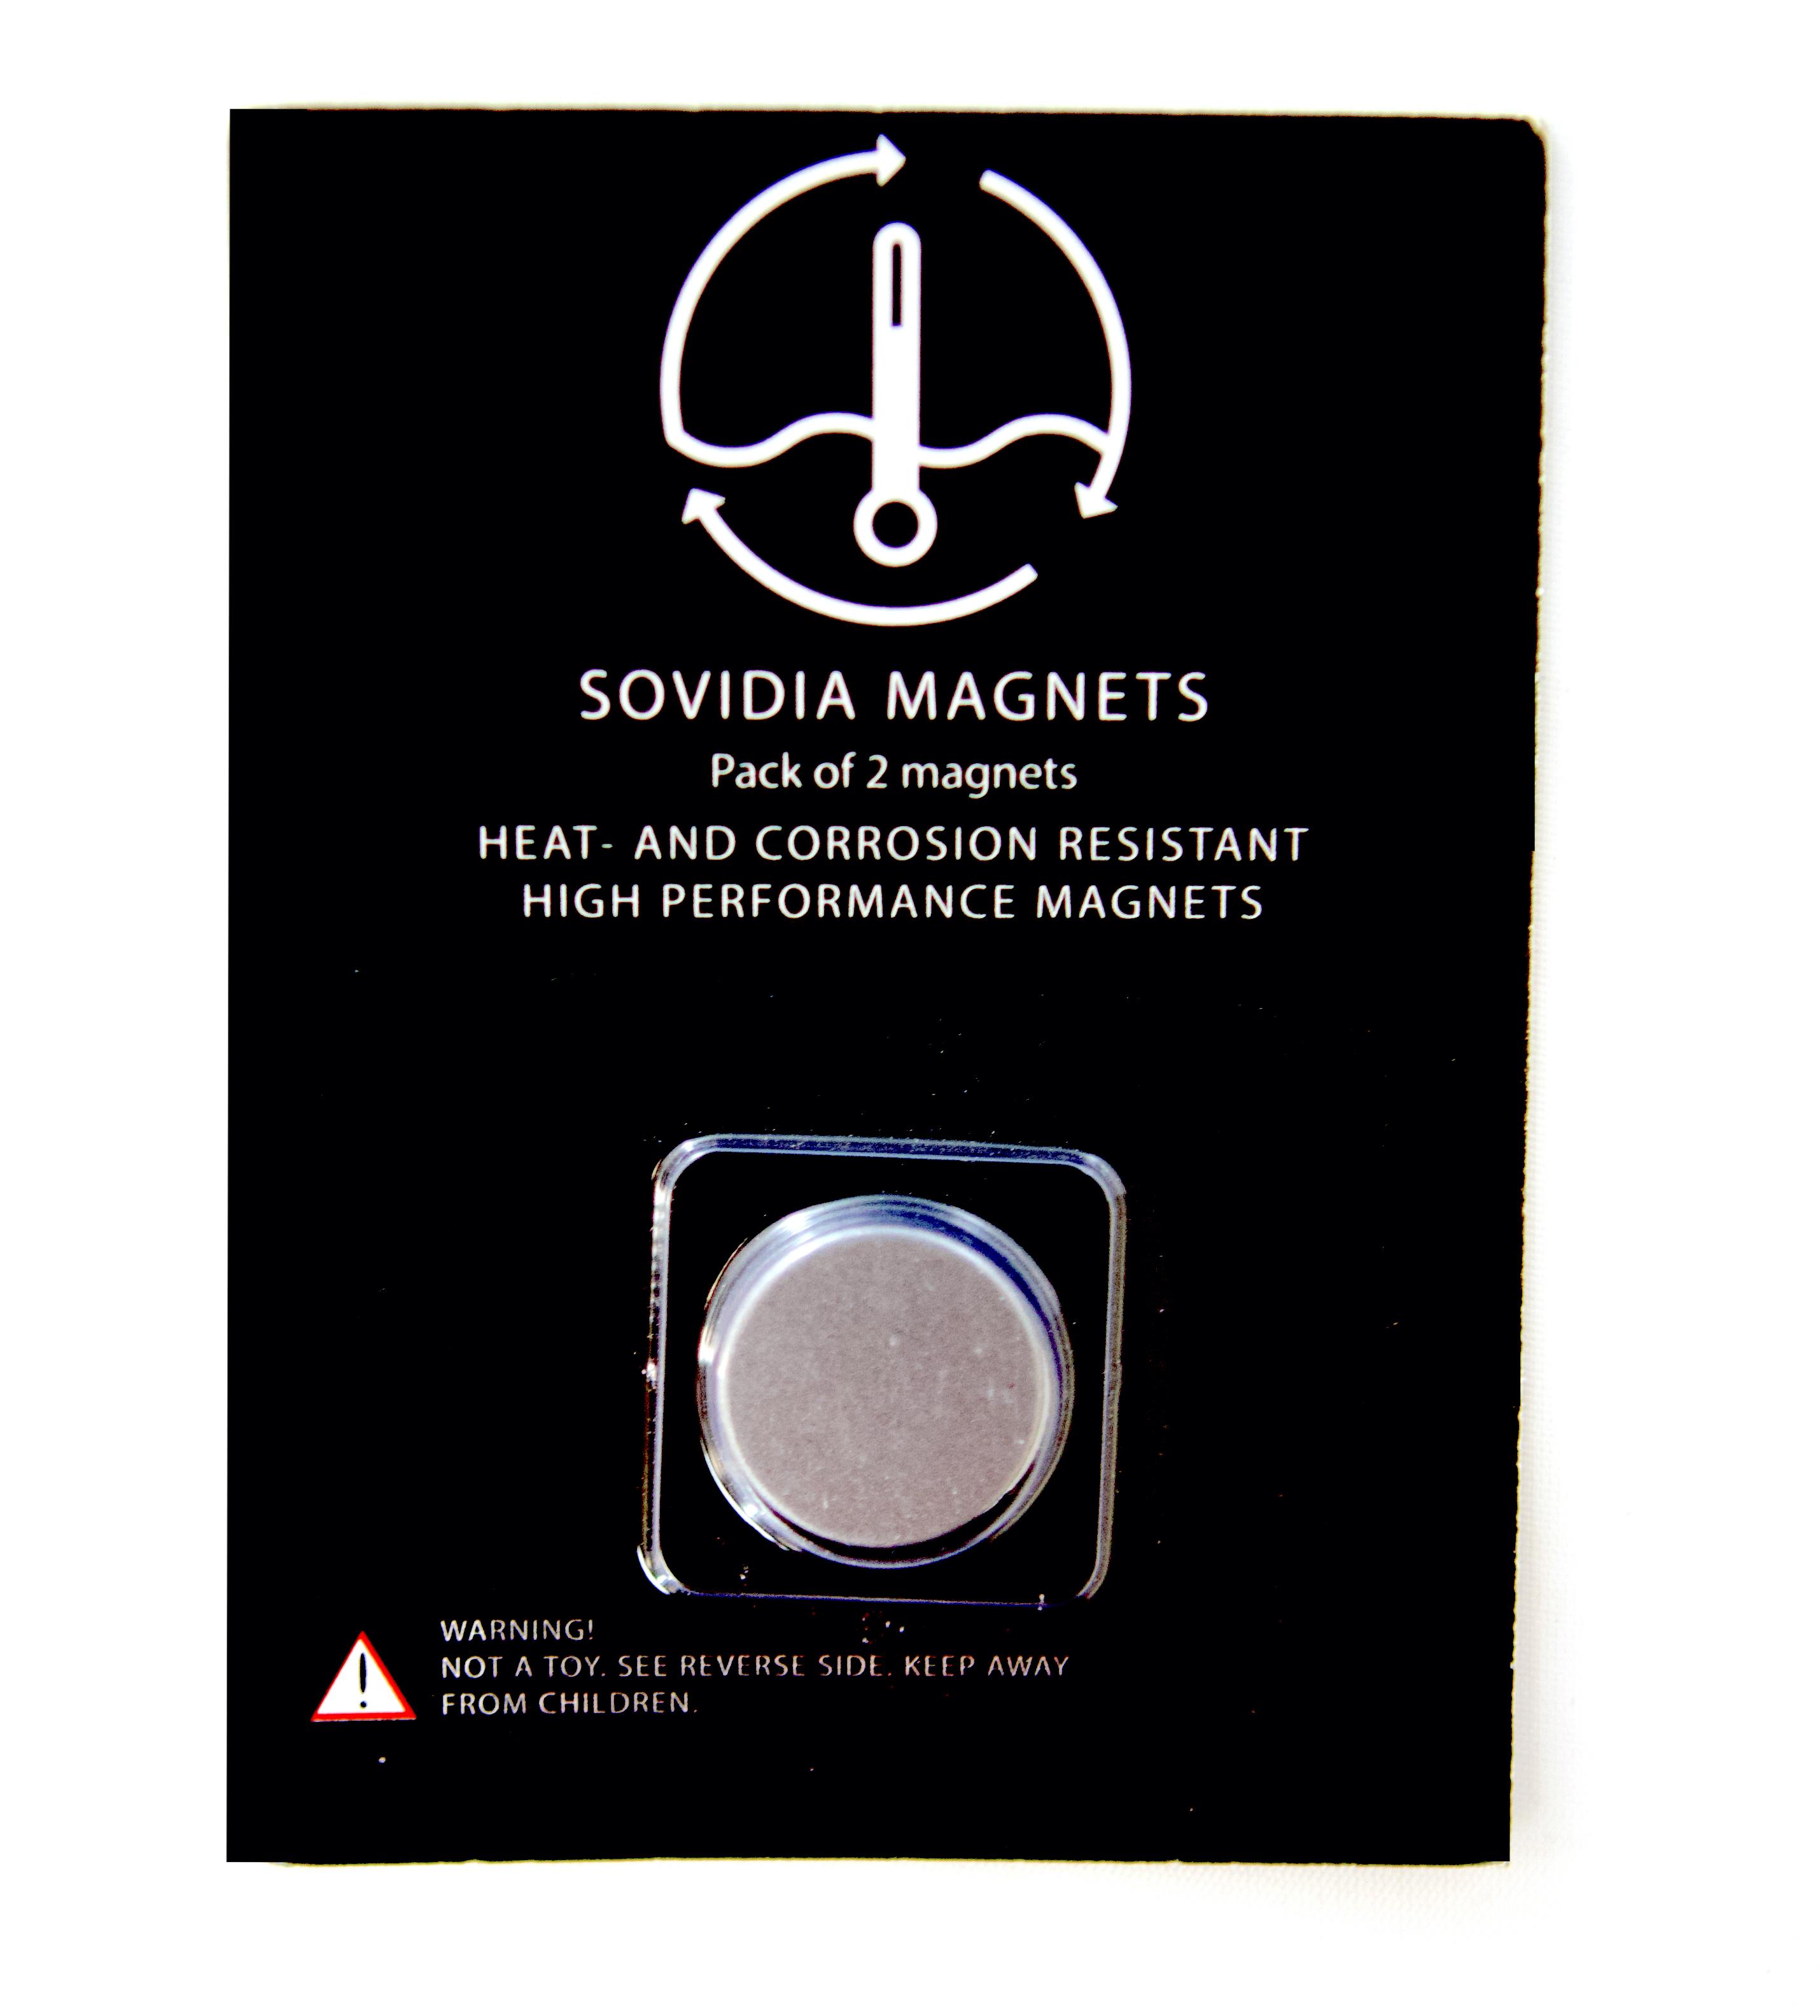 Sovidia Magnets 2-pack